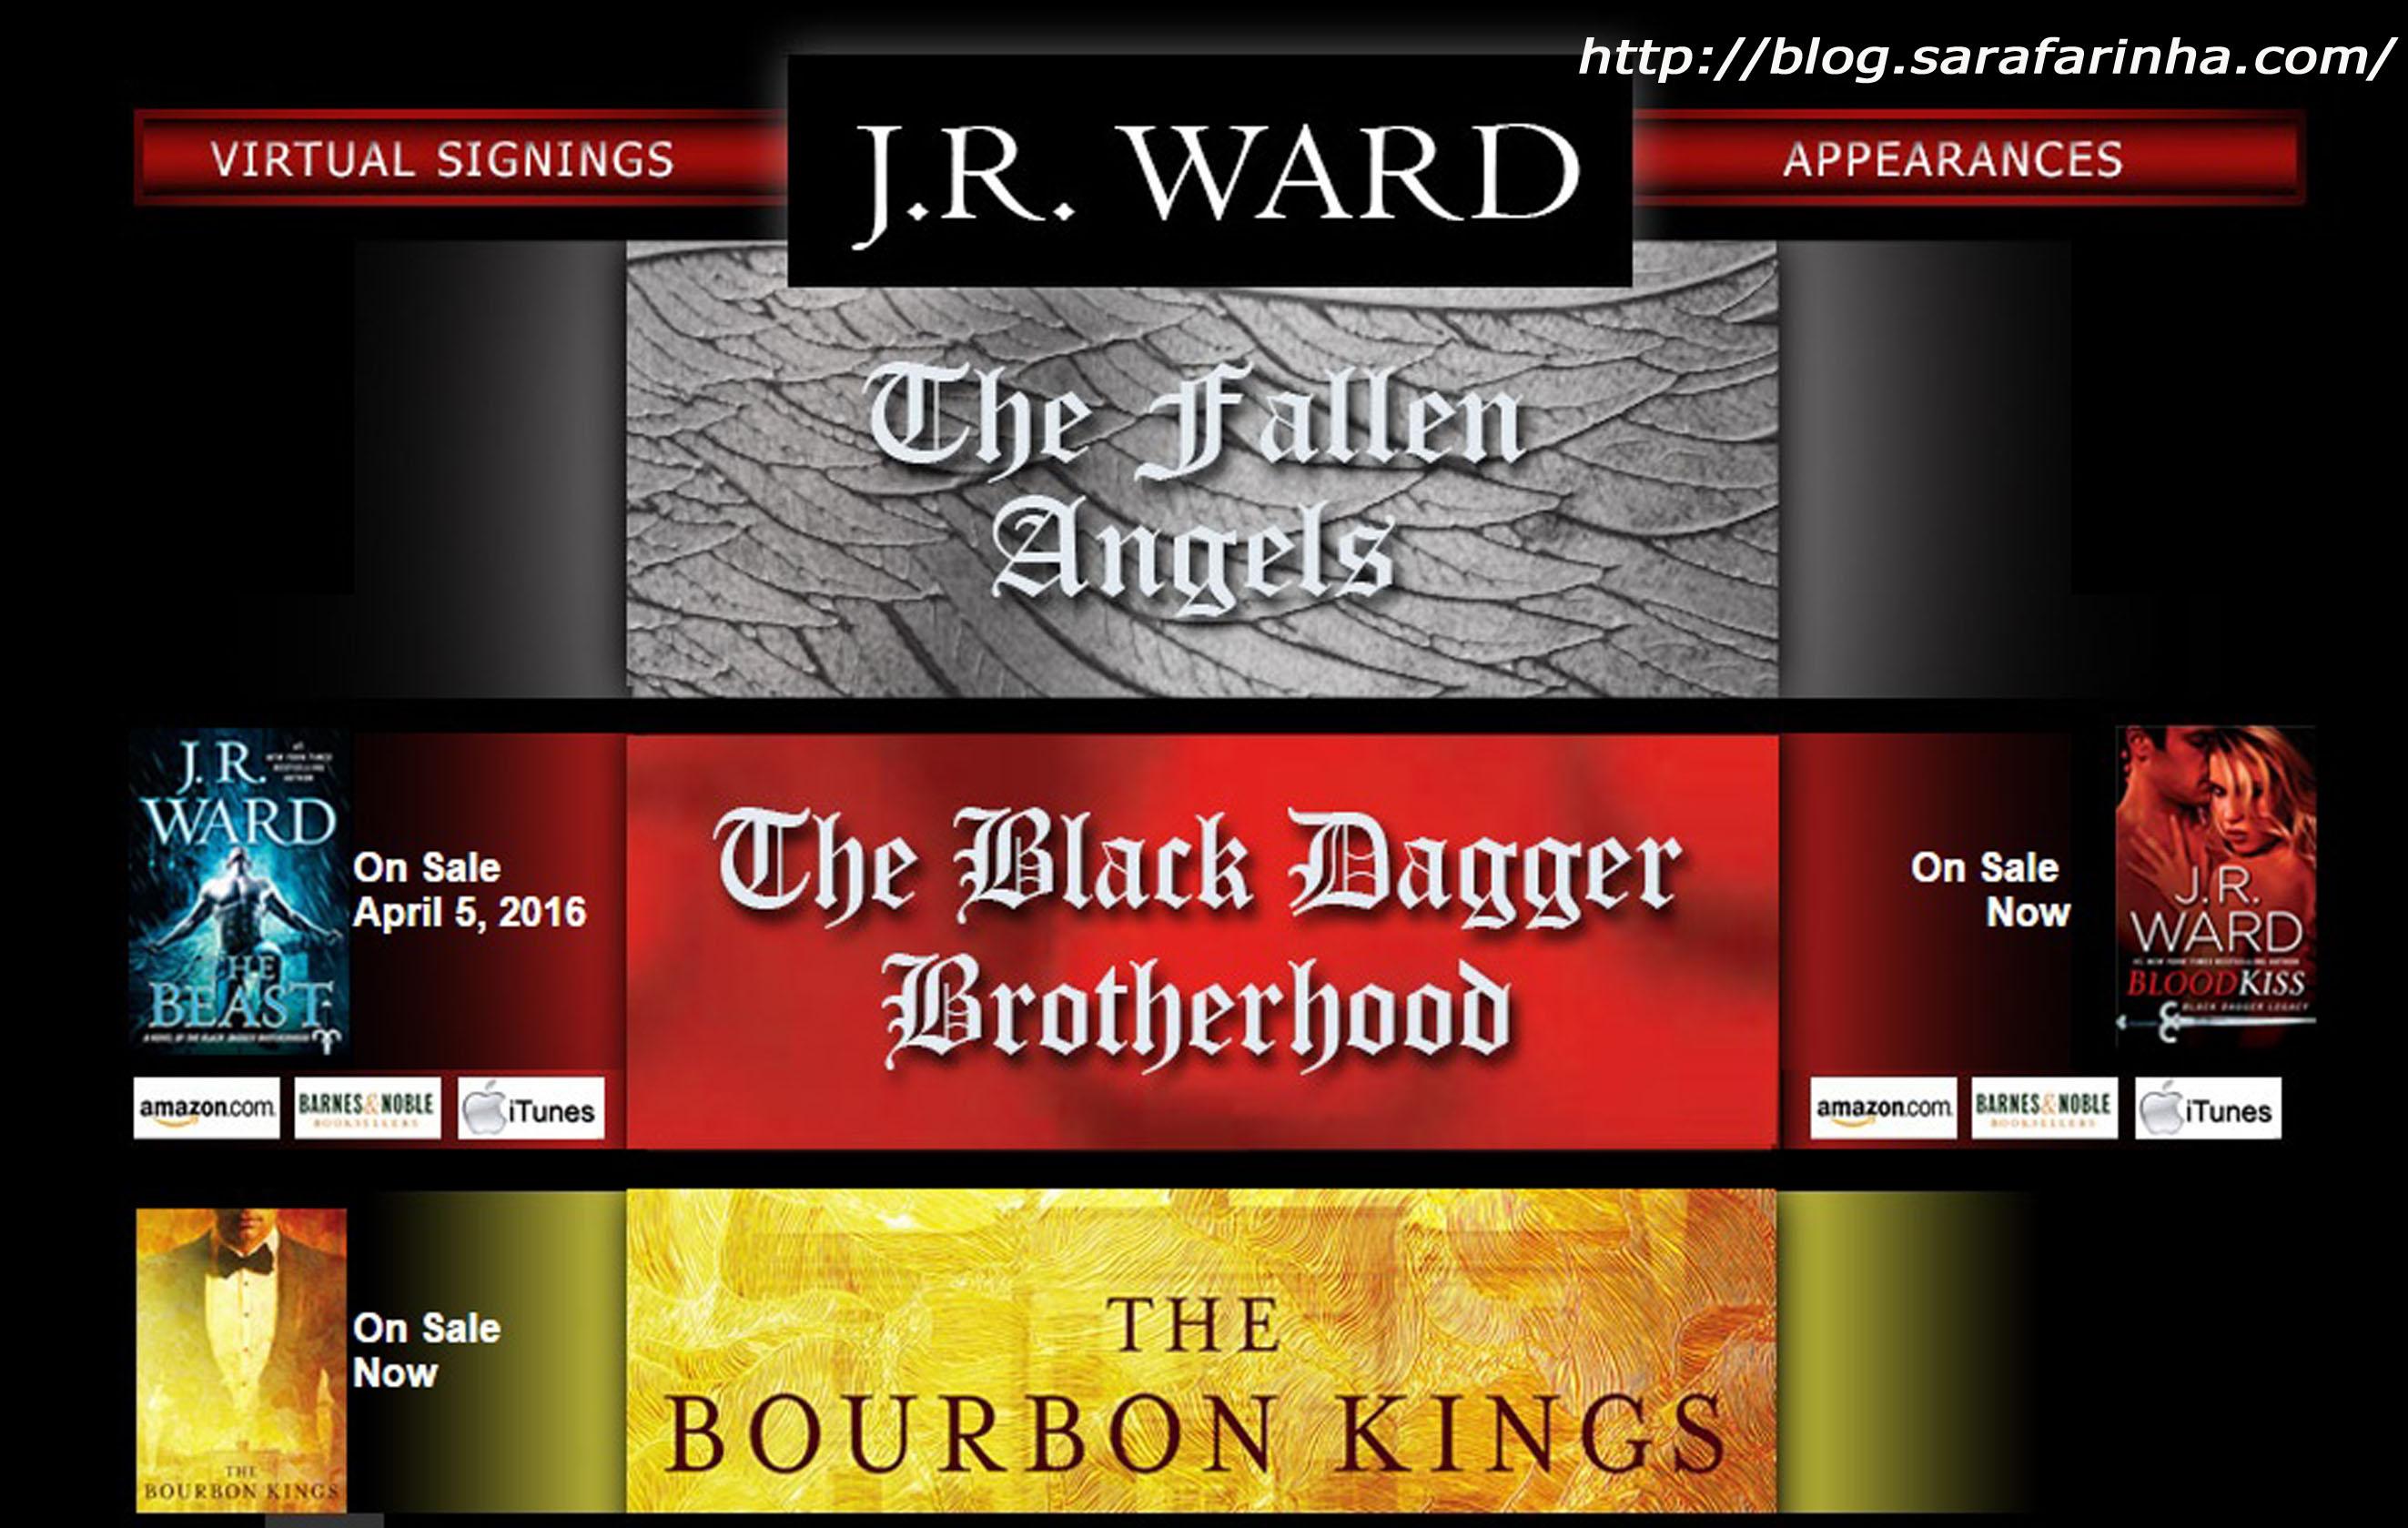 J.R.Ward